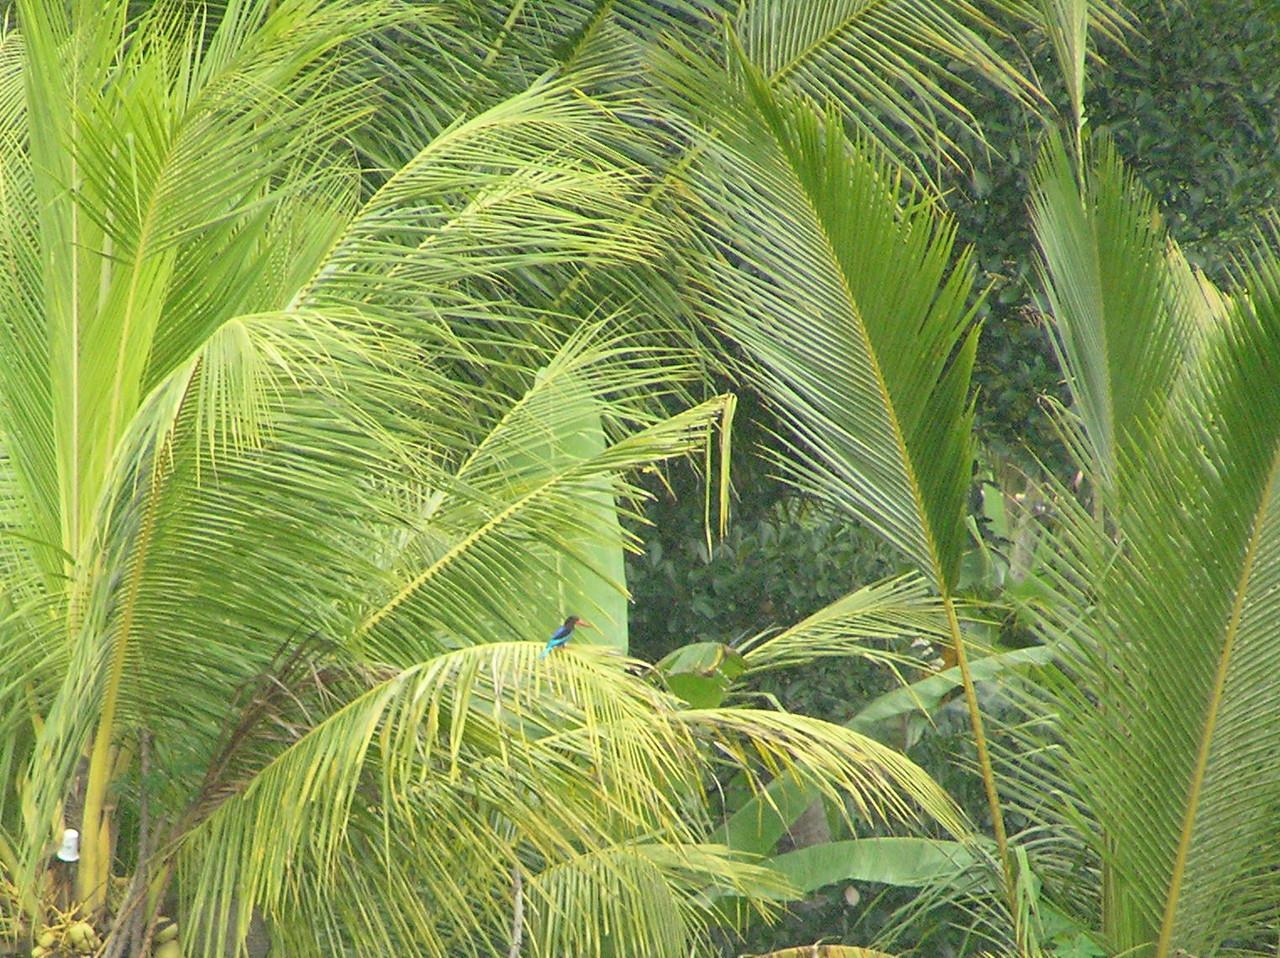 java kingfisher 5 bali aug 2010